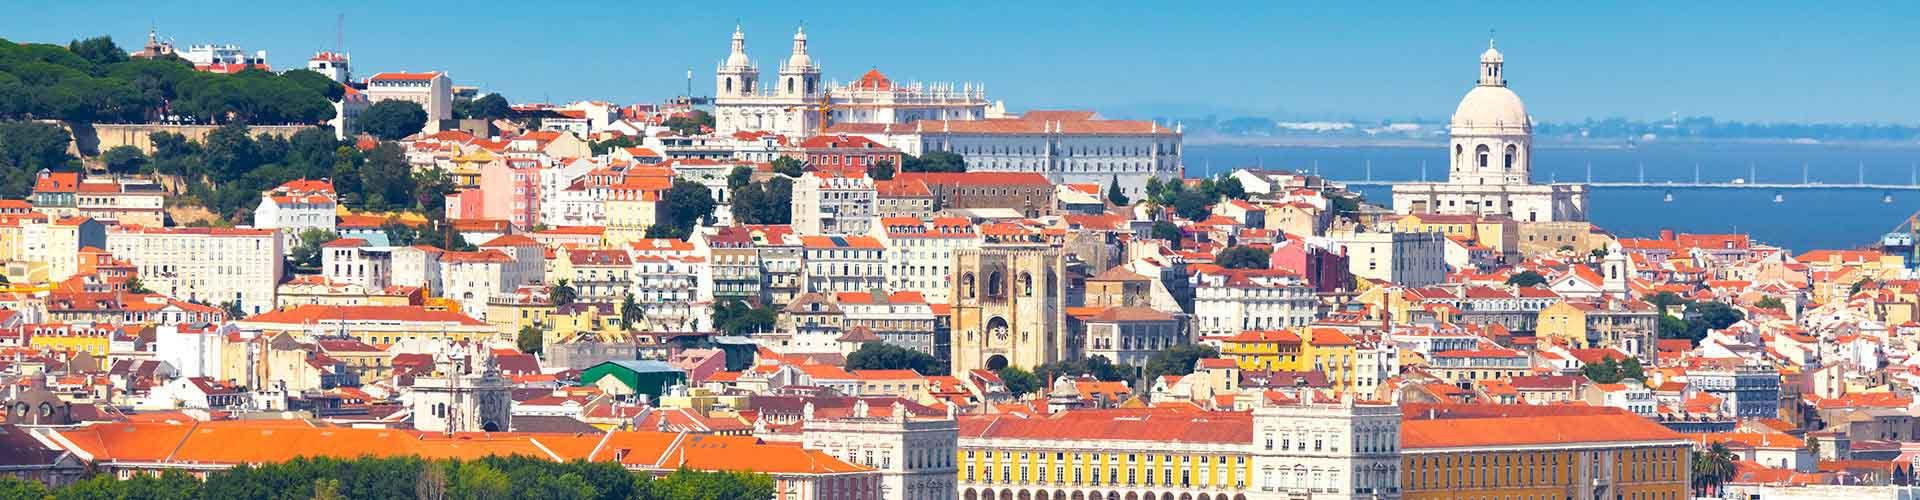 Lisszabon - Ifjúsági Szállások Lisszabonben. Lisszabon térképek, fotók és ajánlások minden egyes ifjúsági szállásokra Lisszabon-ben.